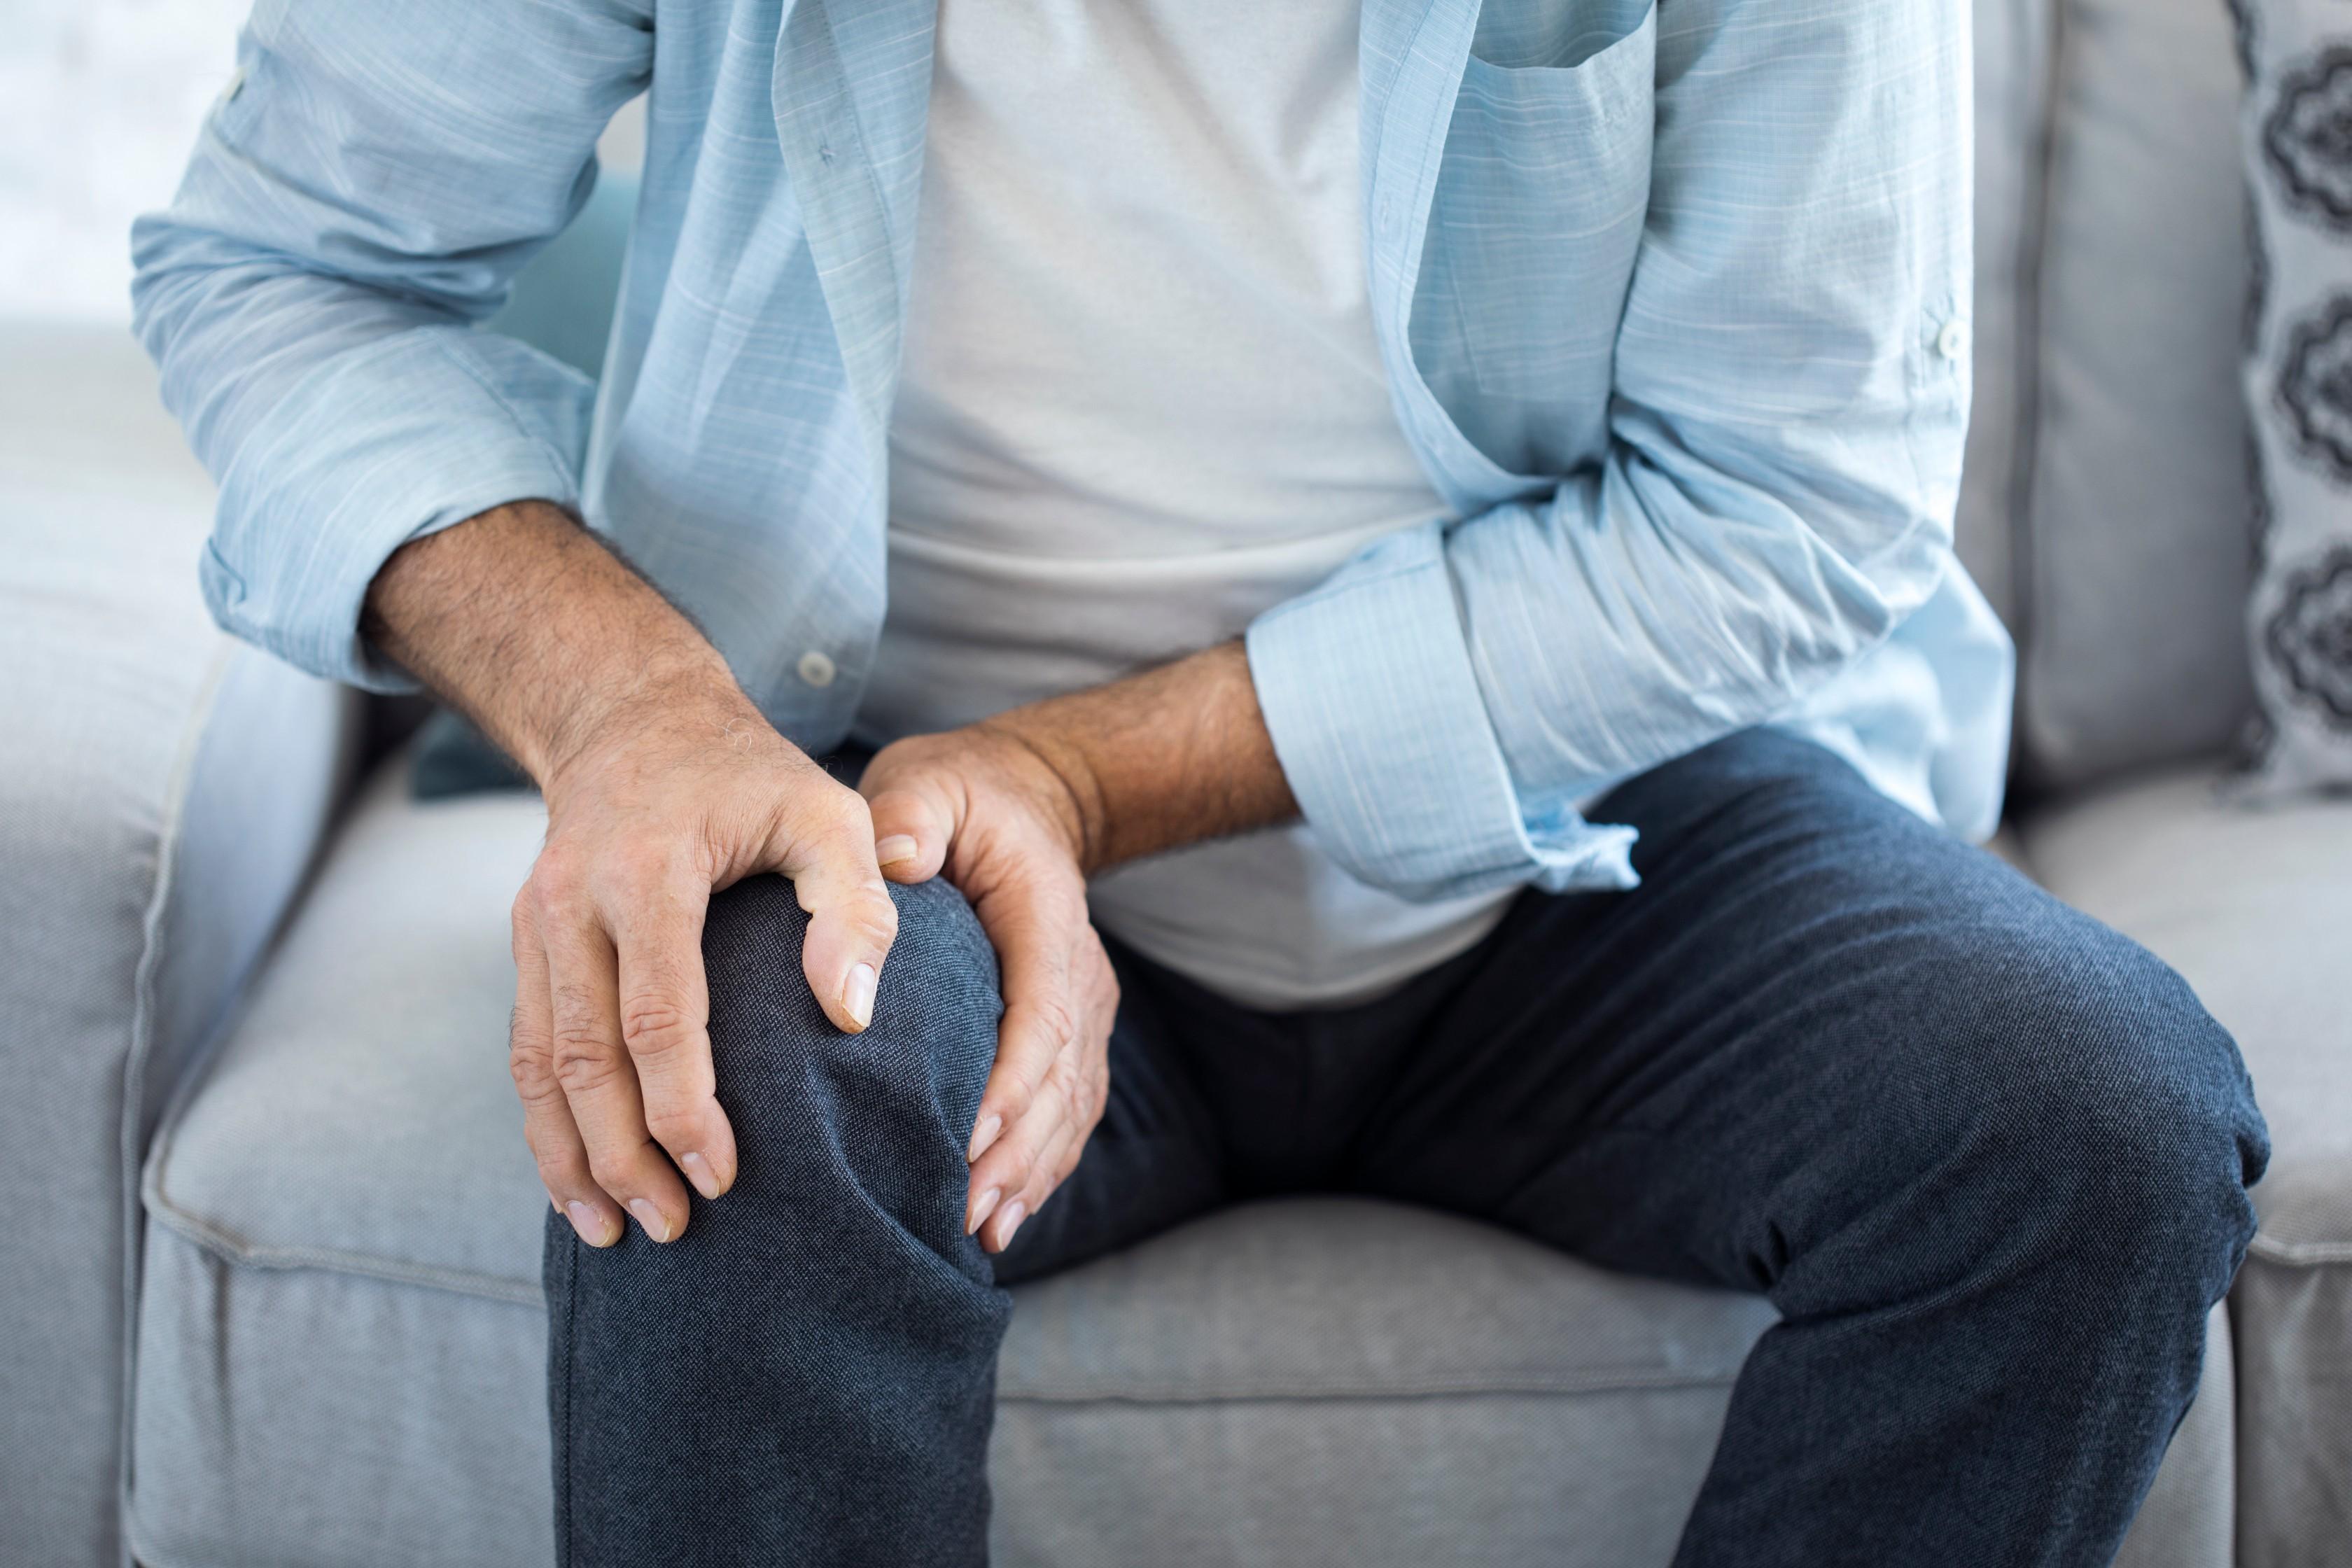 Mi a különbség az arthritis osteoarthritis